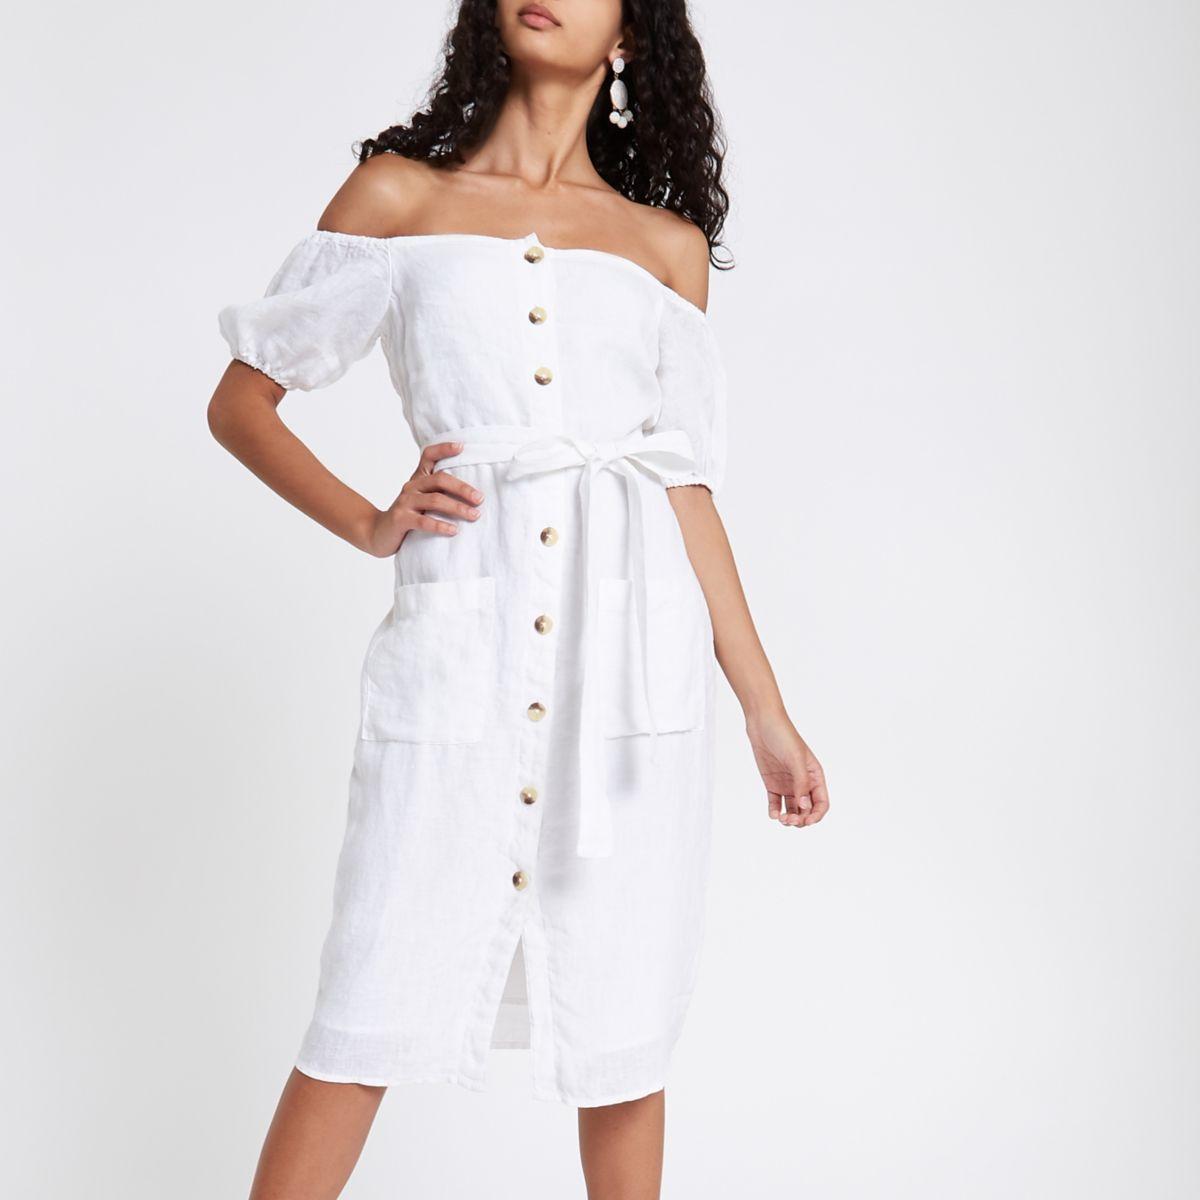 https://www.riverisland.ie/p/white-button-up-bardot-dress-716689